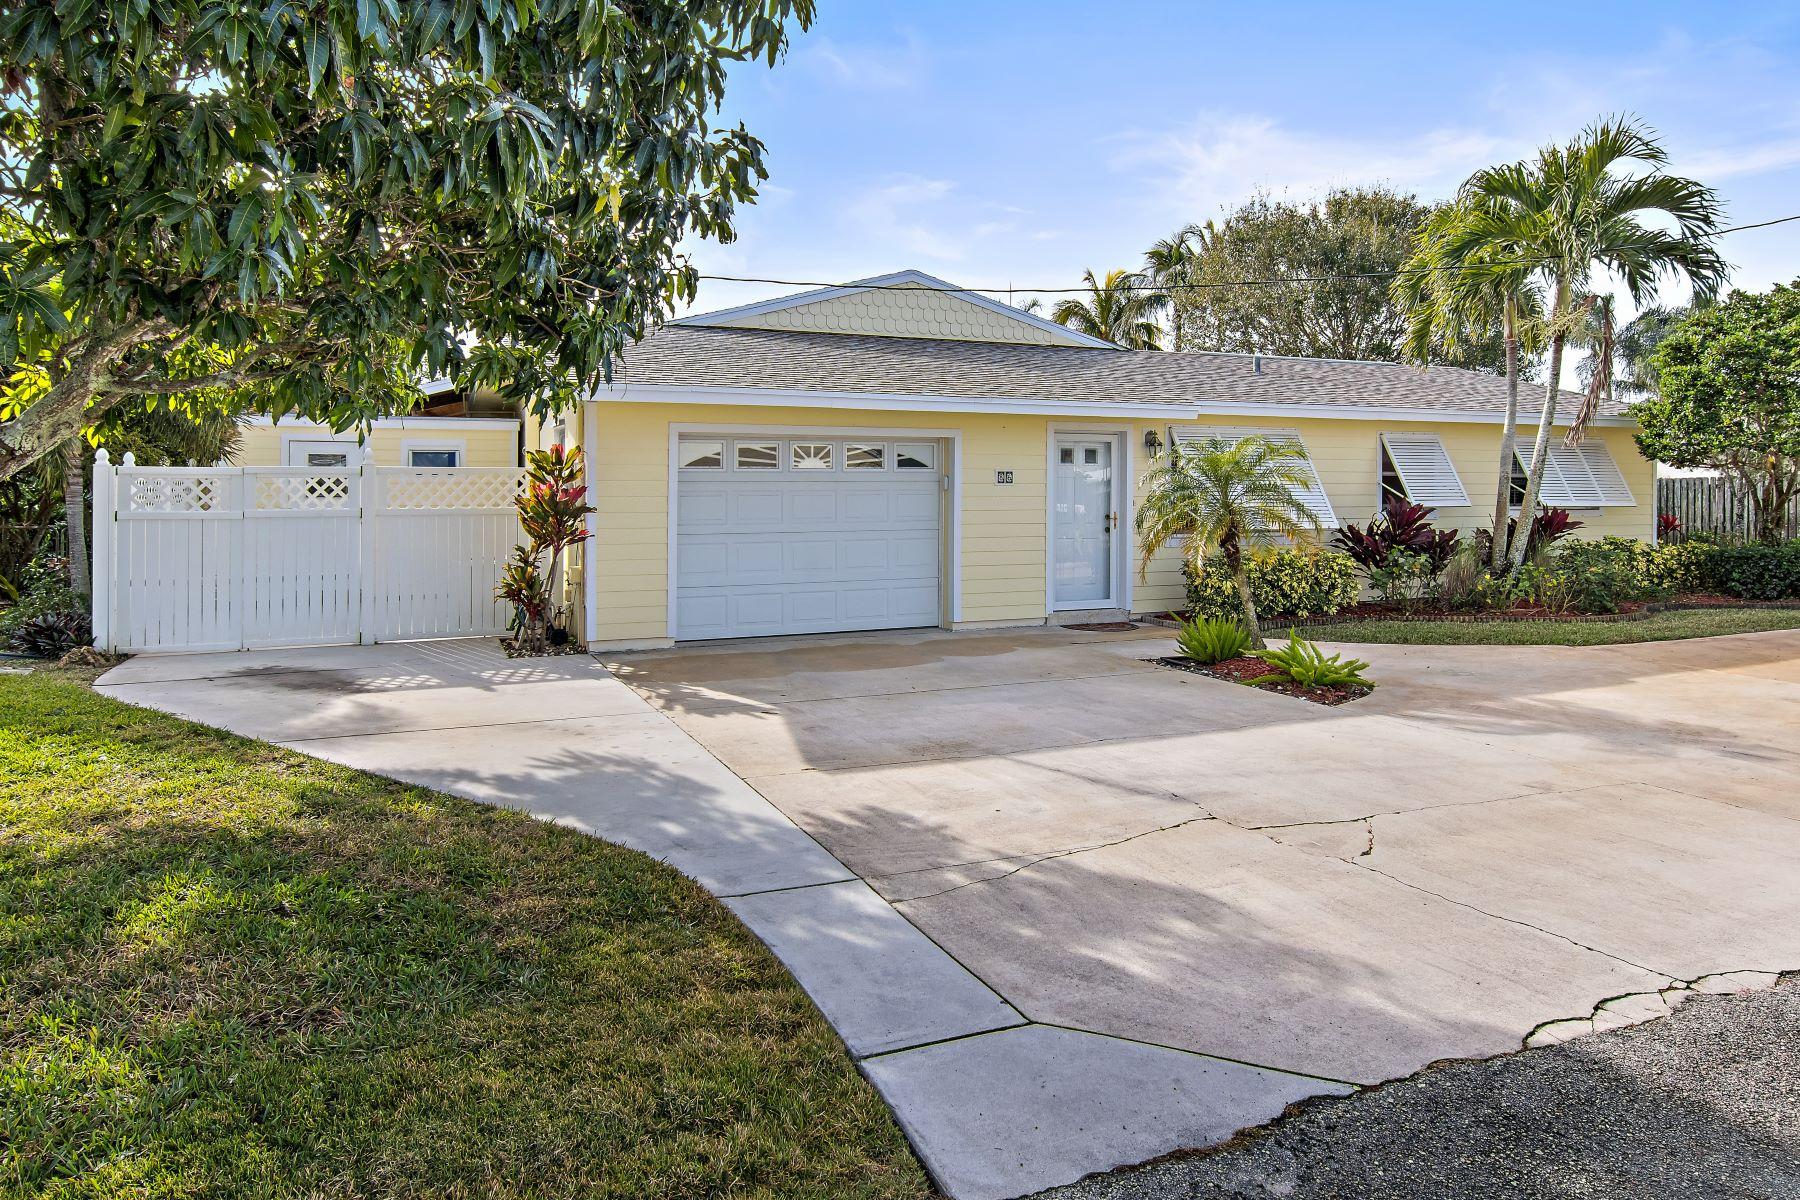 一戸建て のために 売買 アット 86 Sw Cabana Point Circle 86 Sw Cabana Point Circle Stuart, フロリダ 34994 アメリカ合衆国